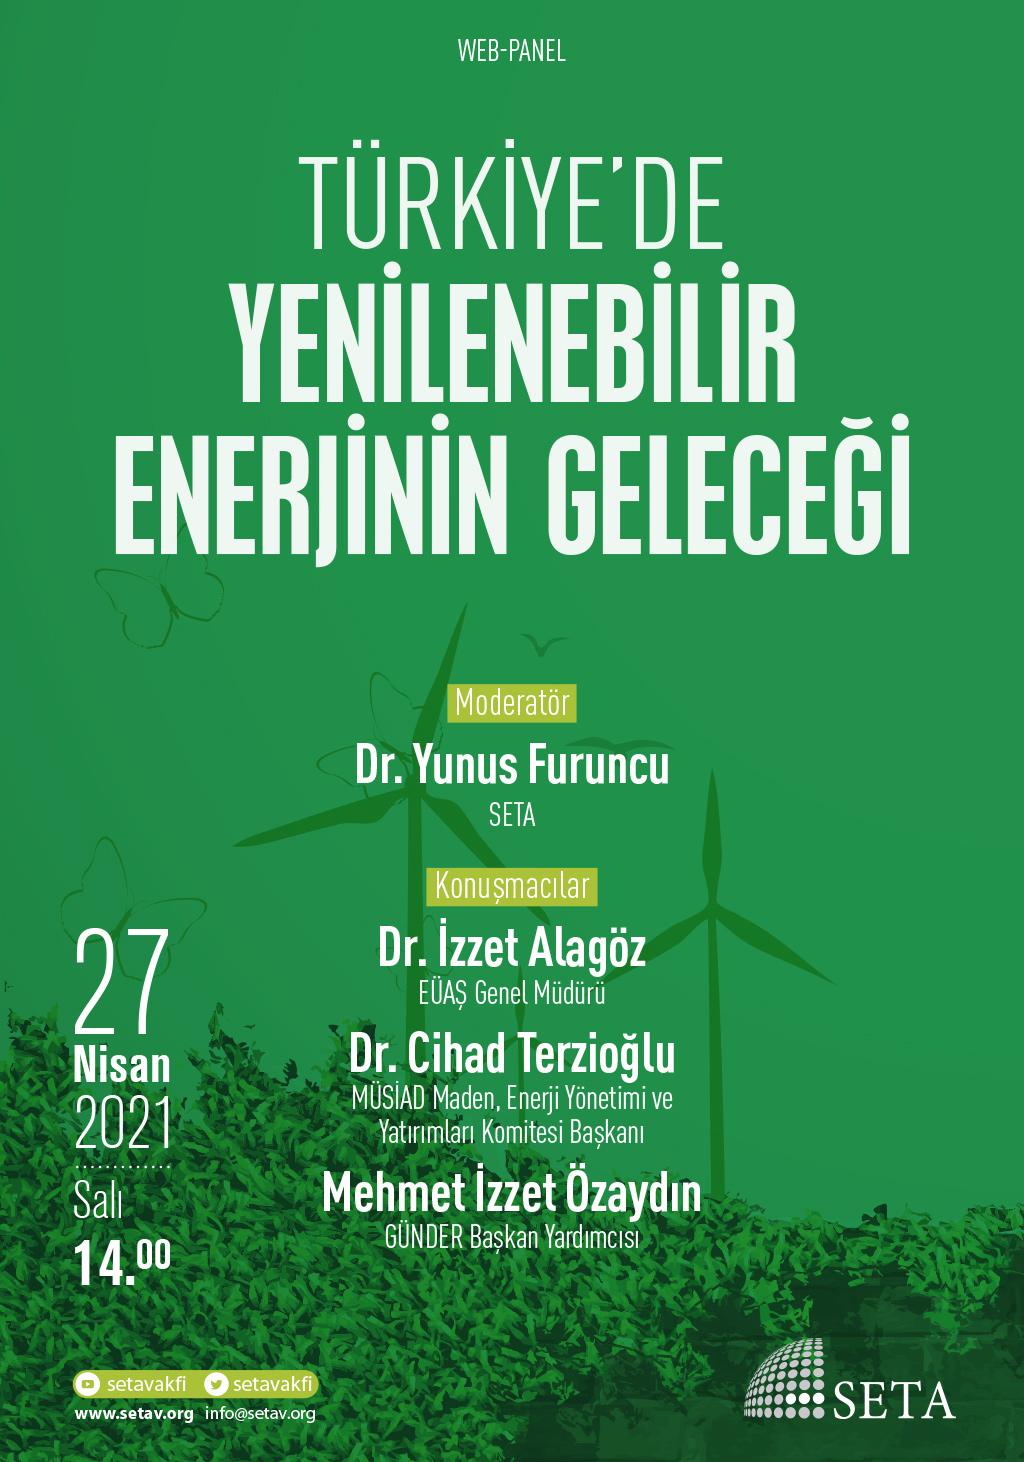 Web Panel: Türkiye'de Yenilenebilir Enerjinin Geleceği